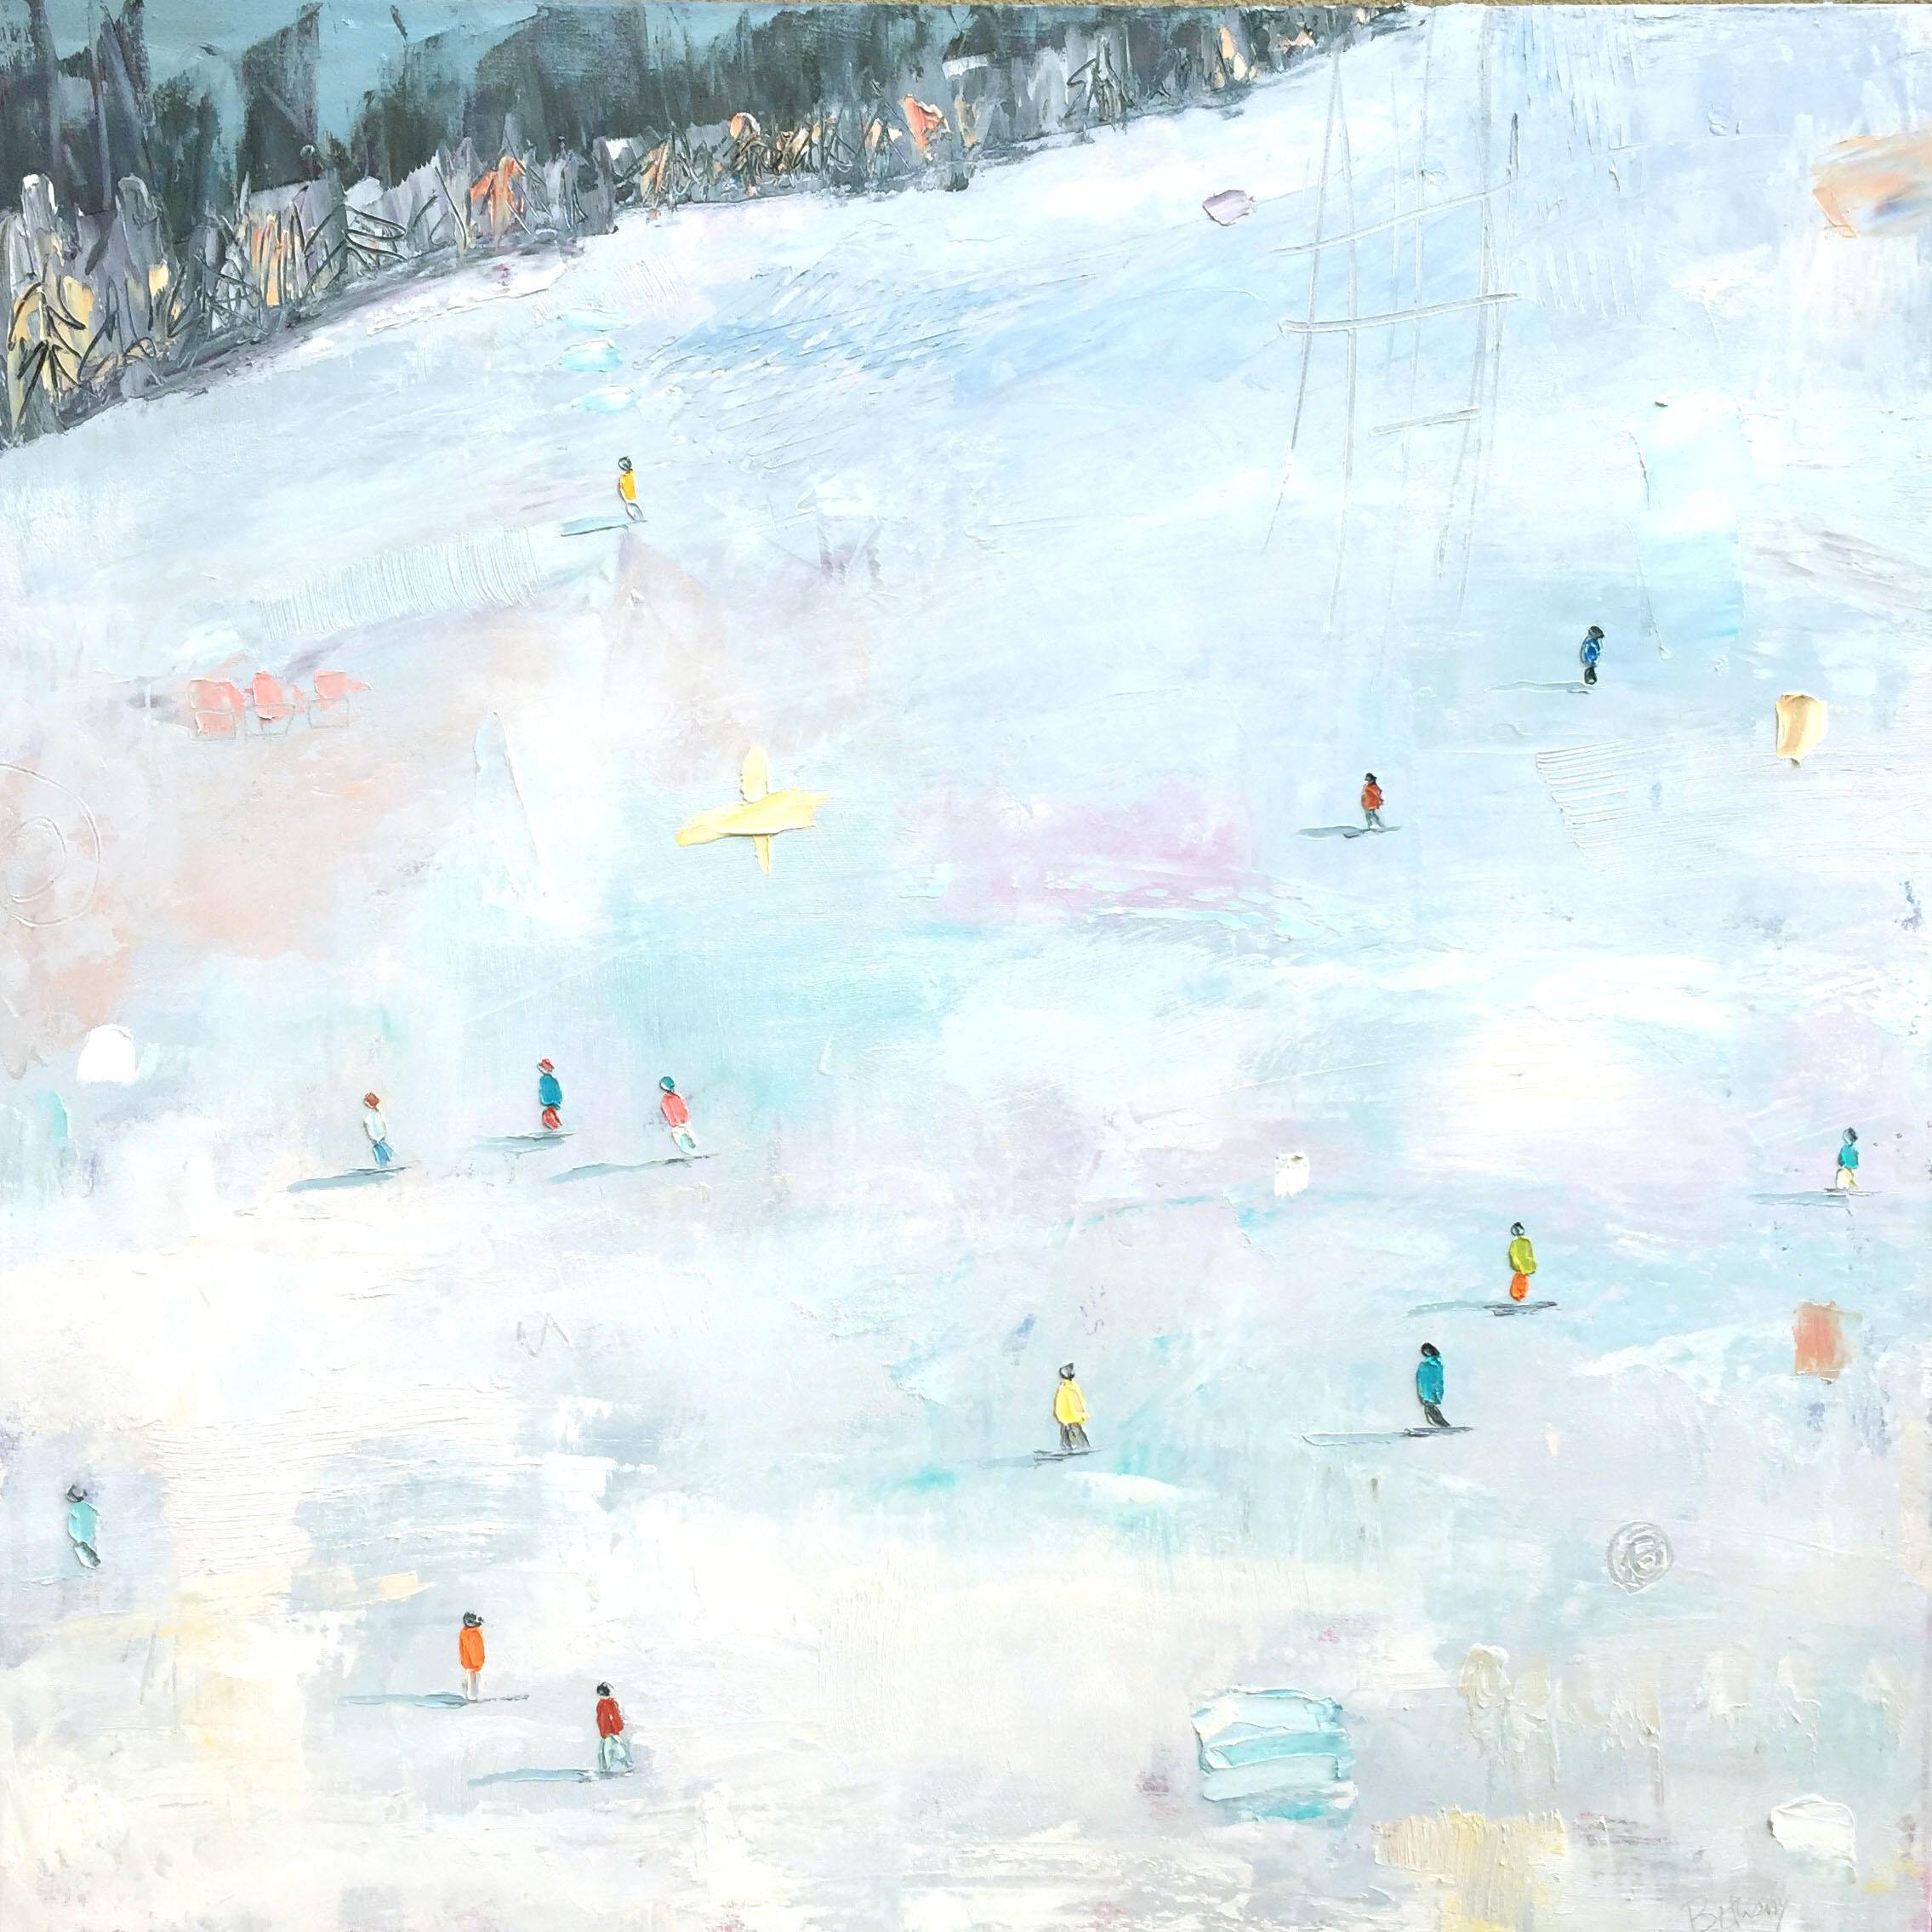 Ski days - Big Mountain